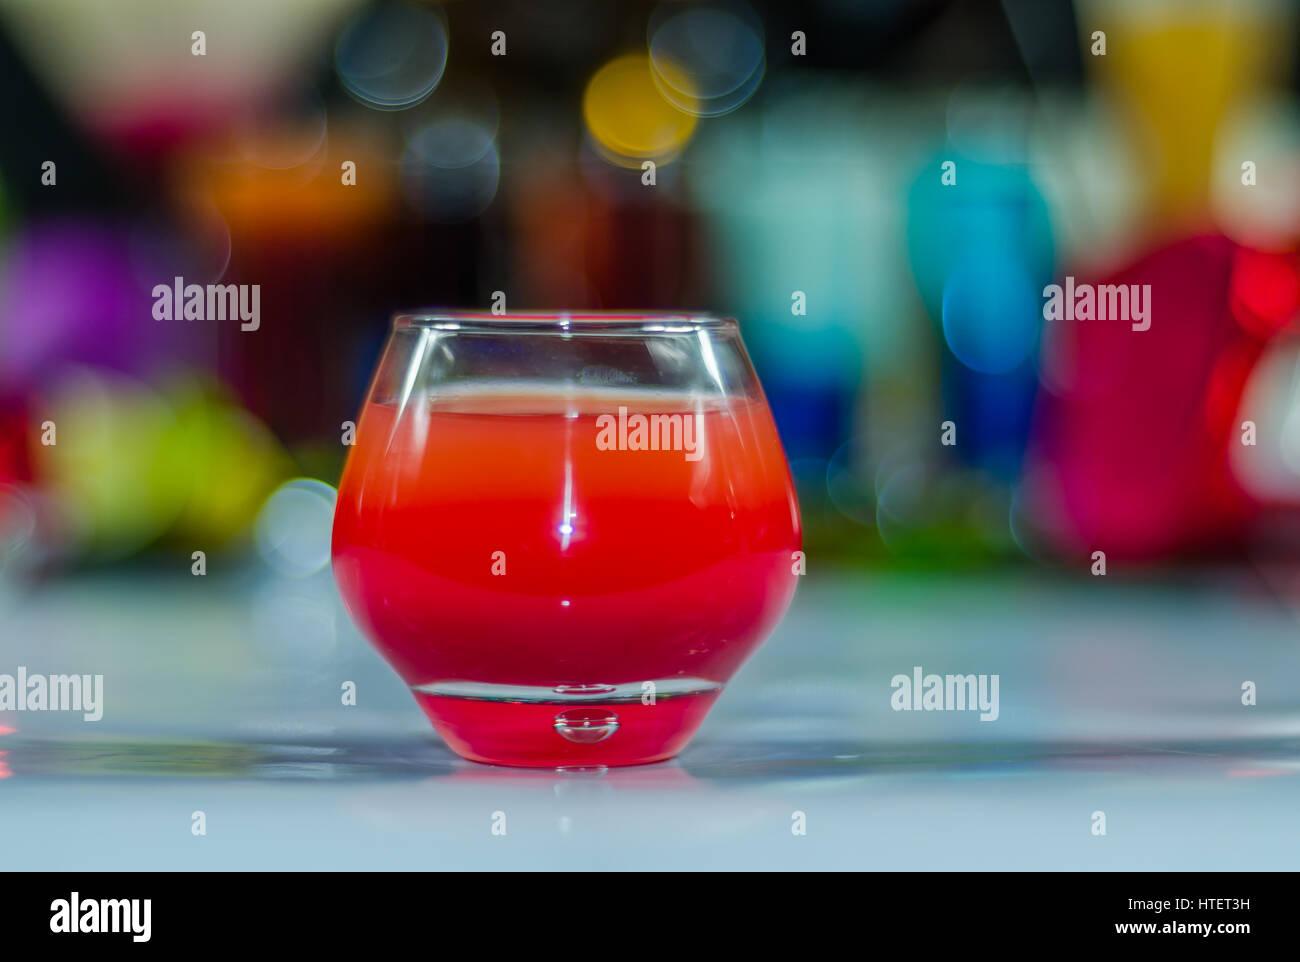 Trinken Sie Getränk im Glas für Aufnahmen, eine Kombination von rot mit violett, bunten Hintergrund farbige, Stockbild